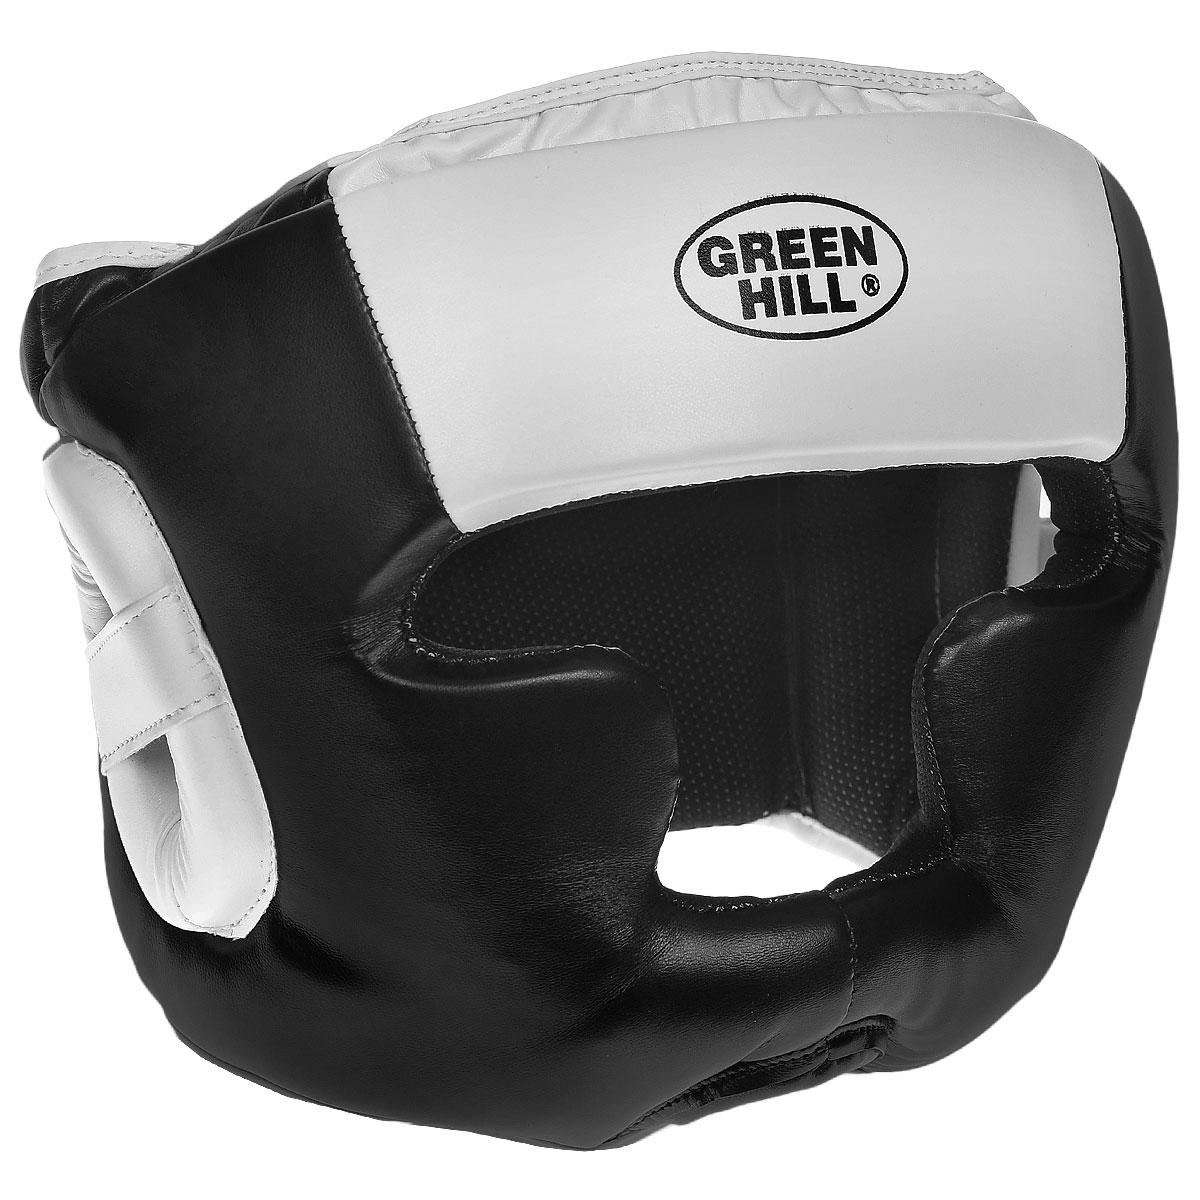 Шлем тренировочный Green Hill Poise, цвет: черный, белый. Размер XL (61-63 см) цена